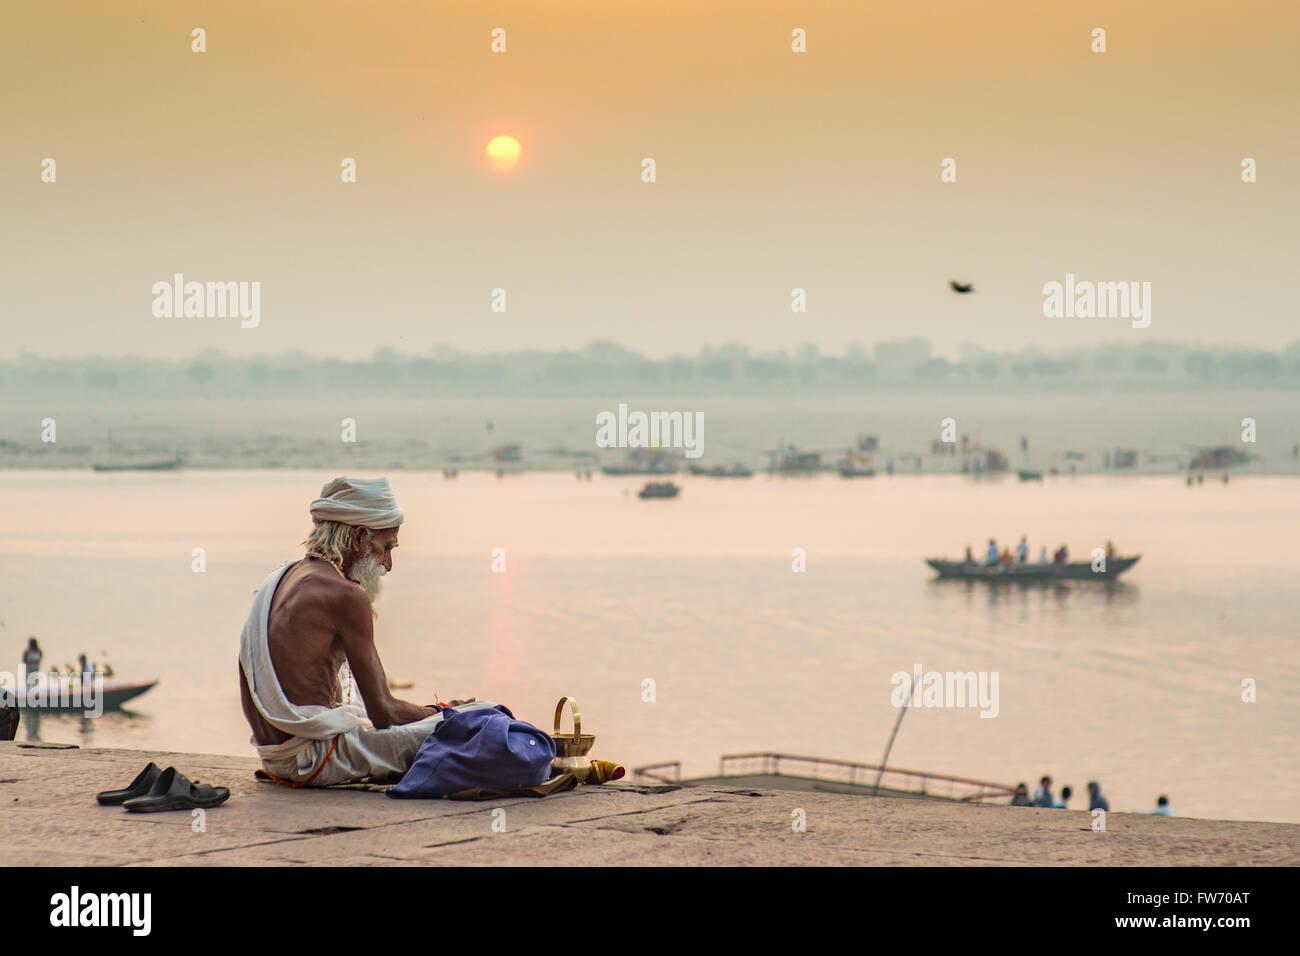 Ein sadhu (hinduistische religiöse Anhänger) sitzt durch den heiligen Fluss Ganges in Varanasi, wie die Stockbild